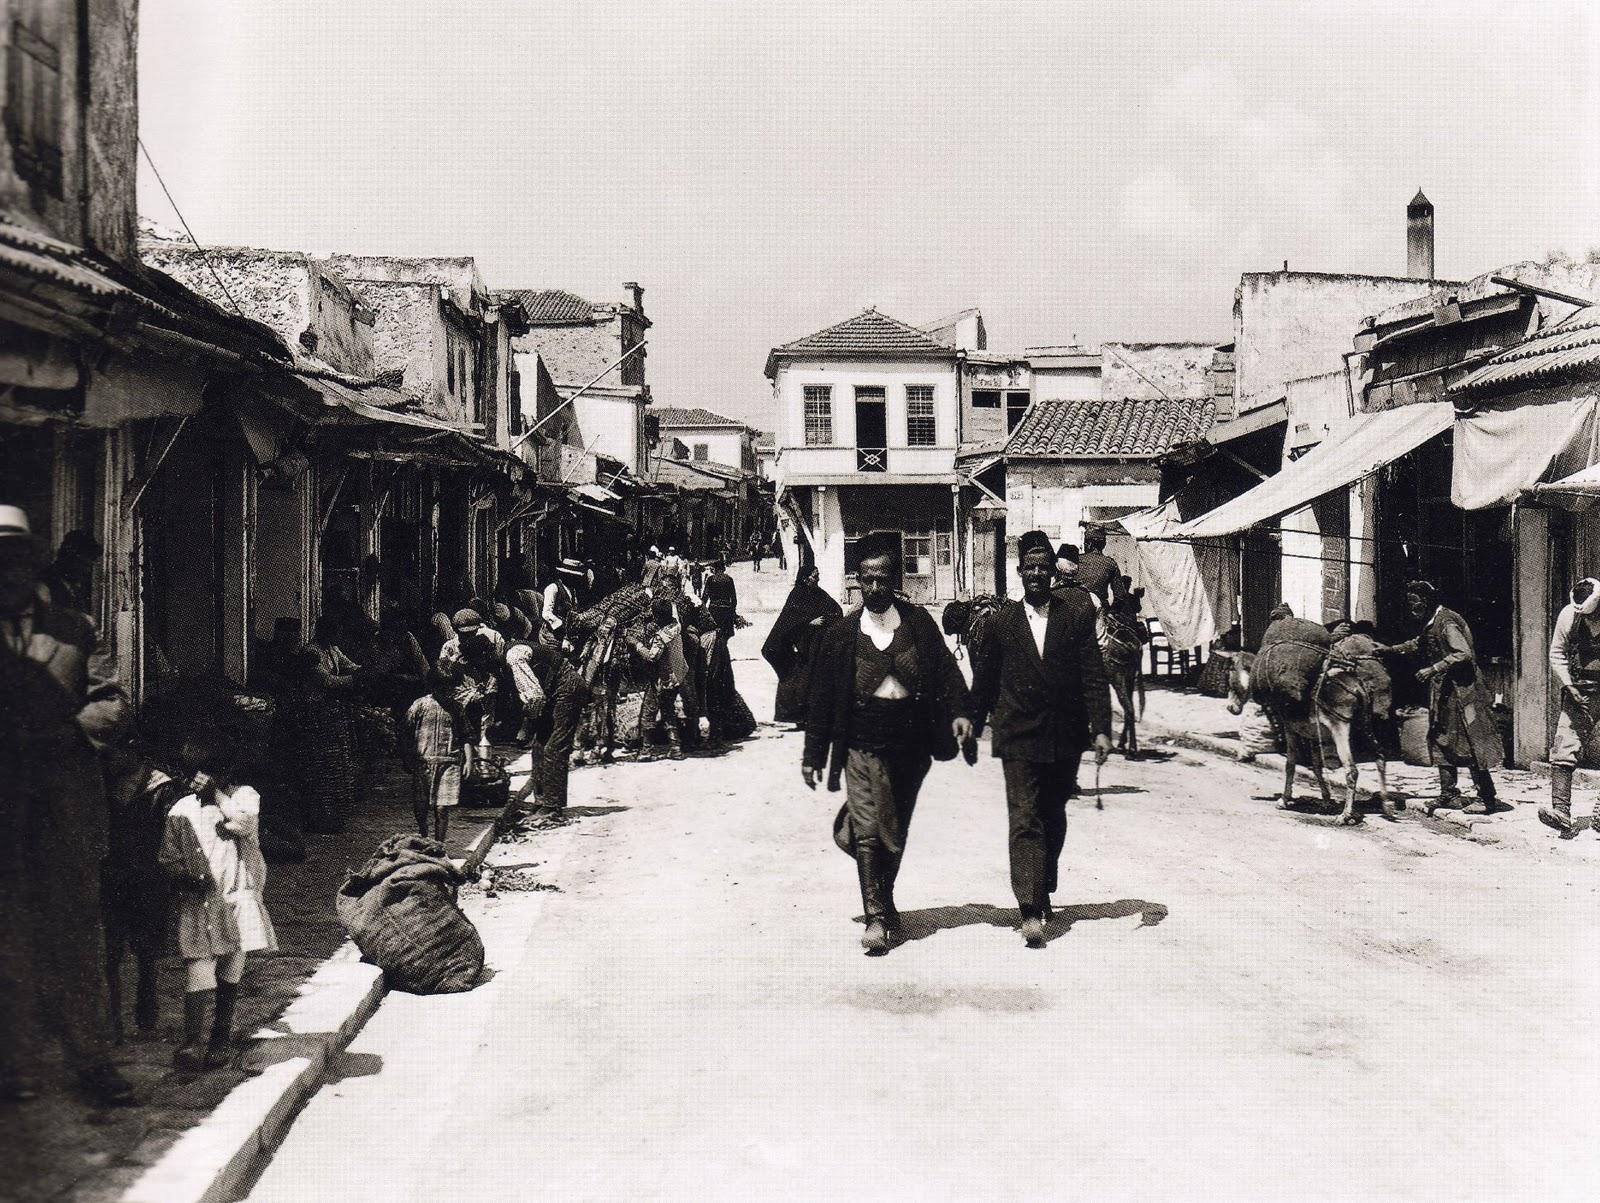 Ηράκλειο - Λεωφόρος Καλοκαιρινού - 1920